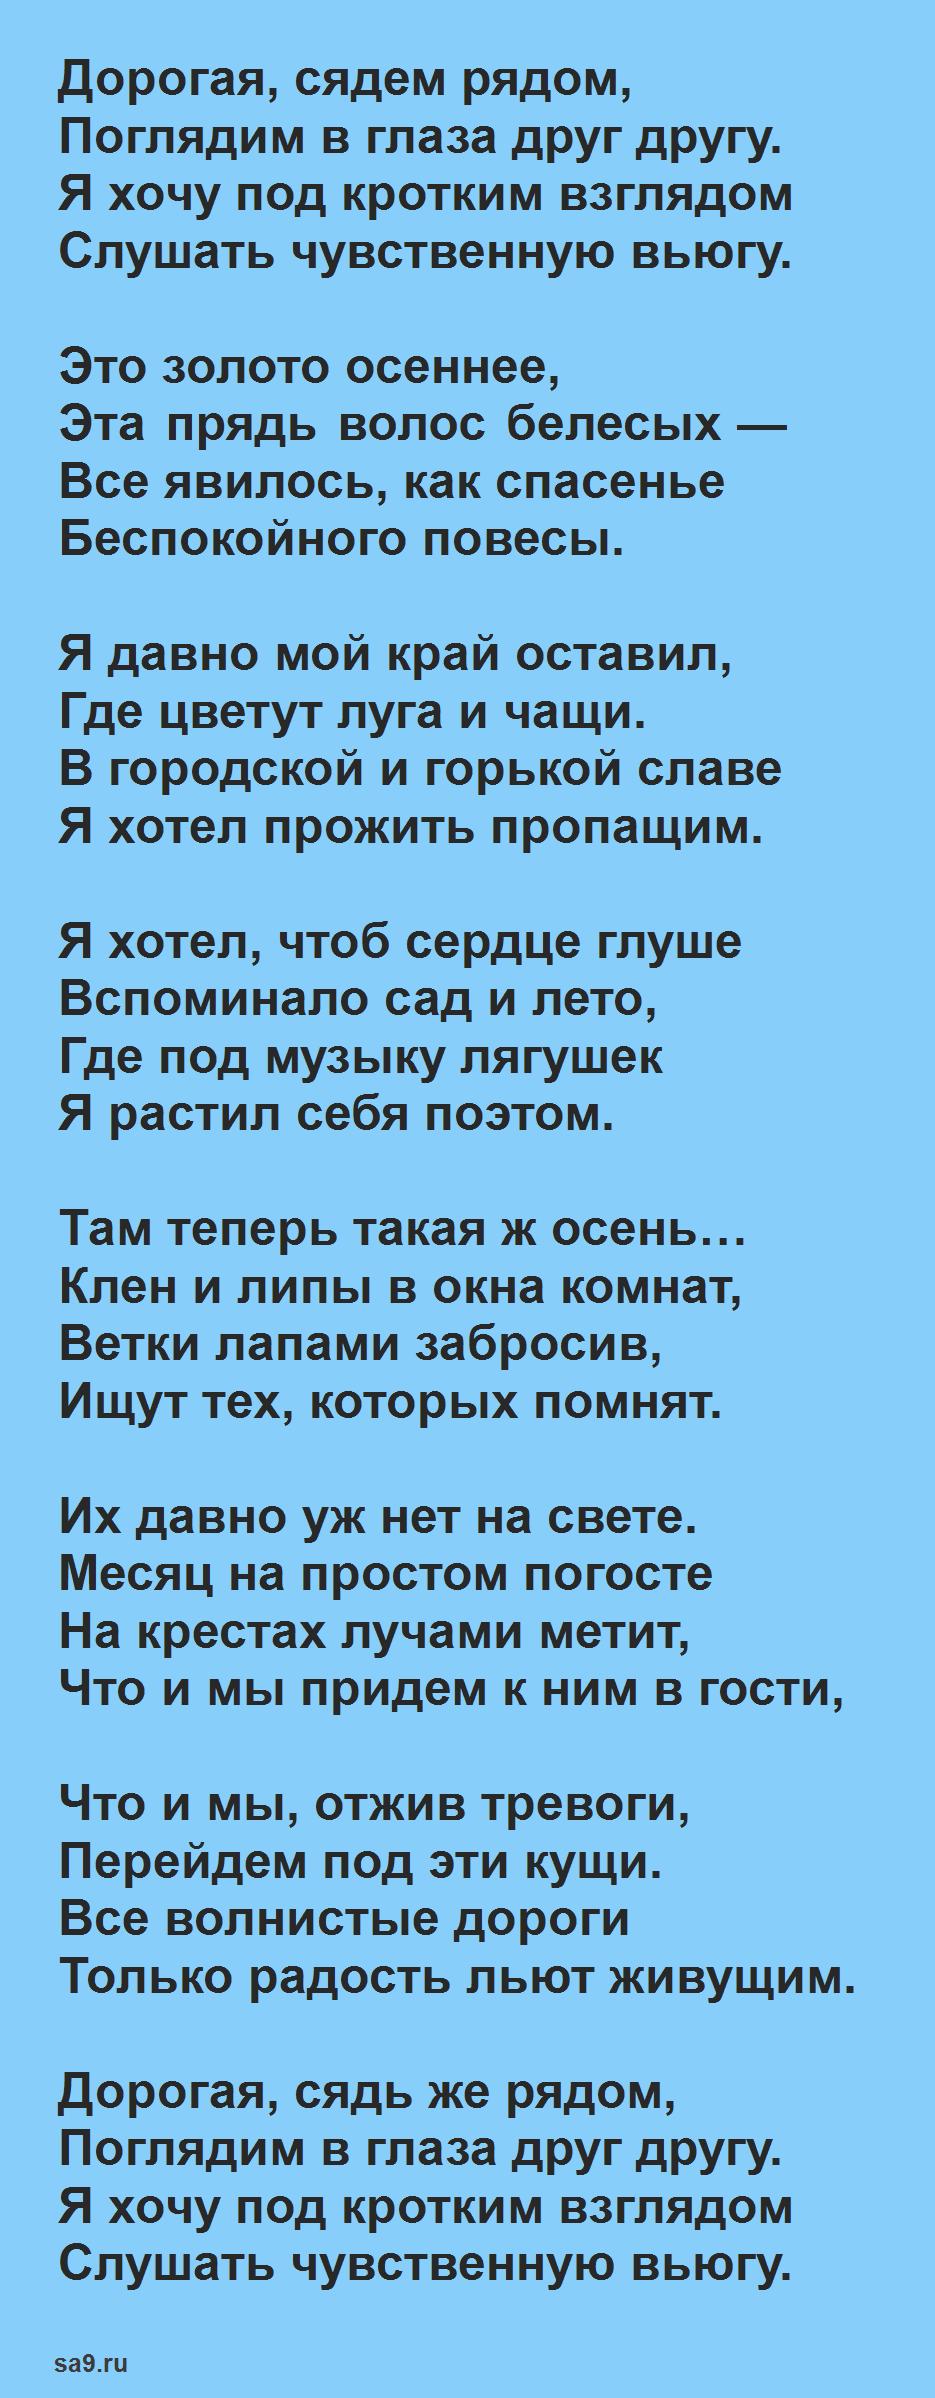 Стихи Есенина про любовь - Дорогая сядем рядом